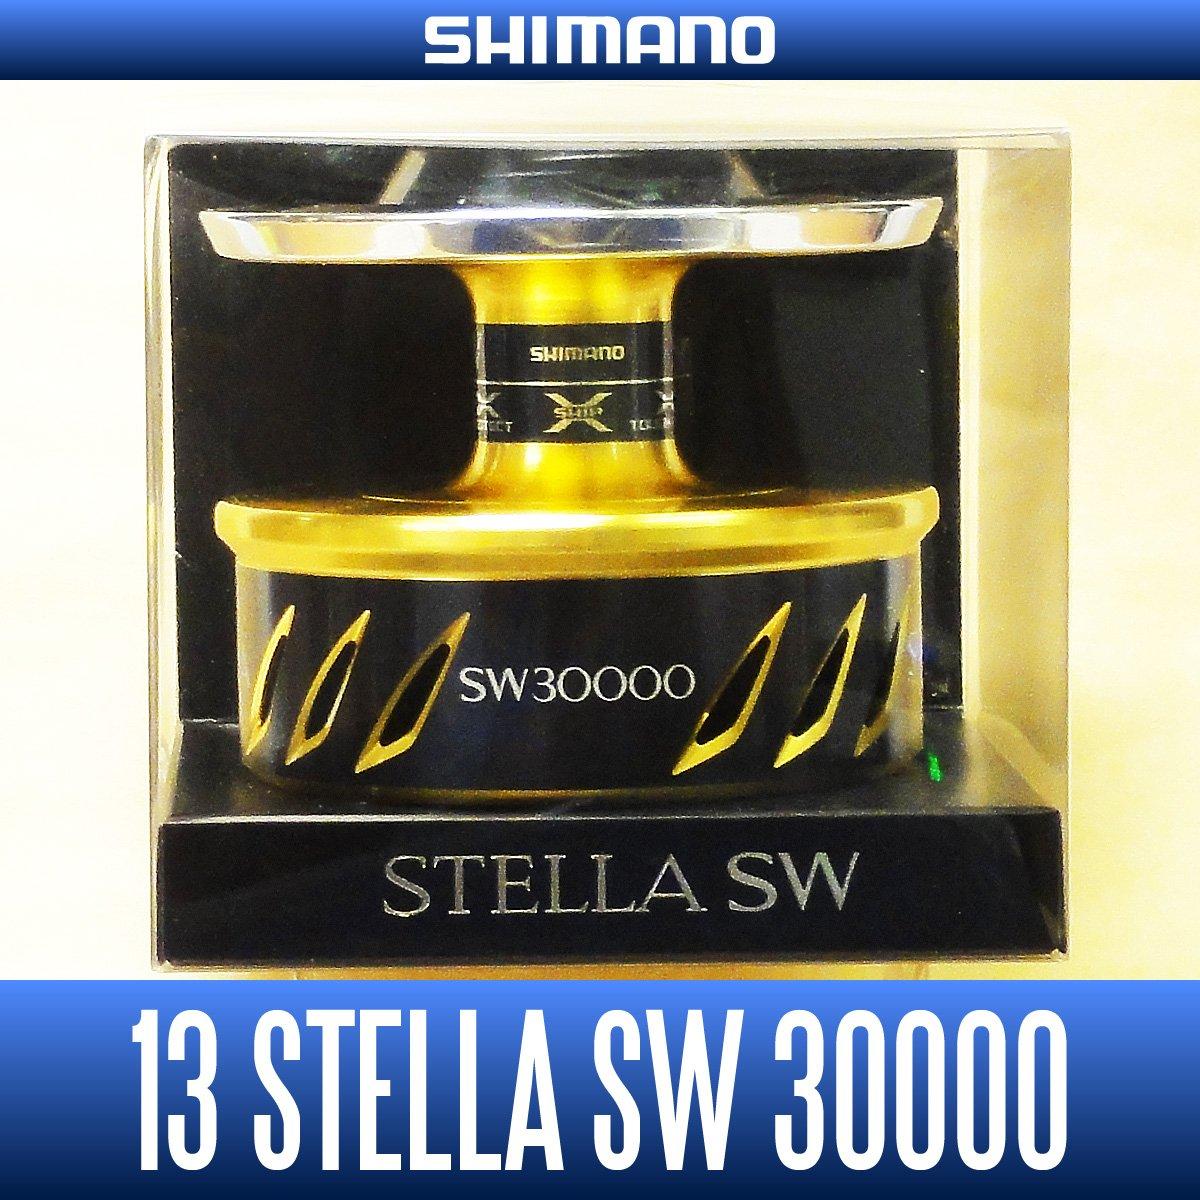 【シマノ純正】 13ステラSW 30000番クラス スペアスプール   B0185J2GX6